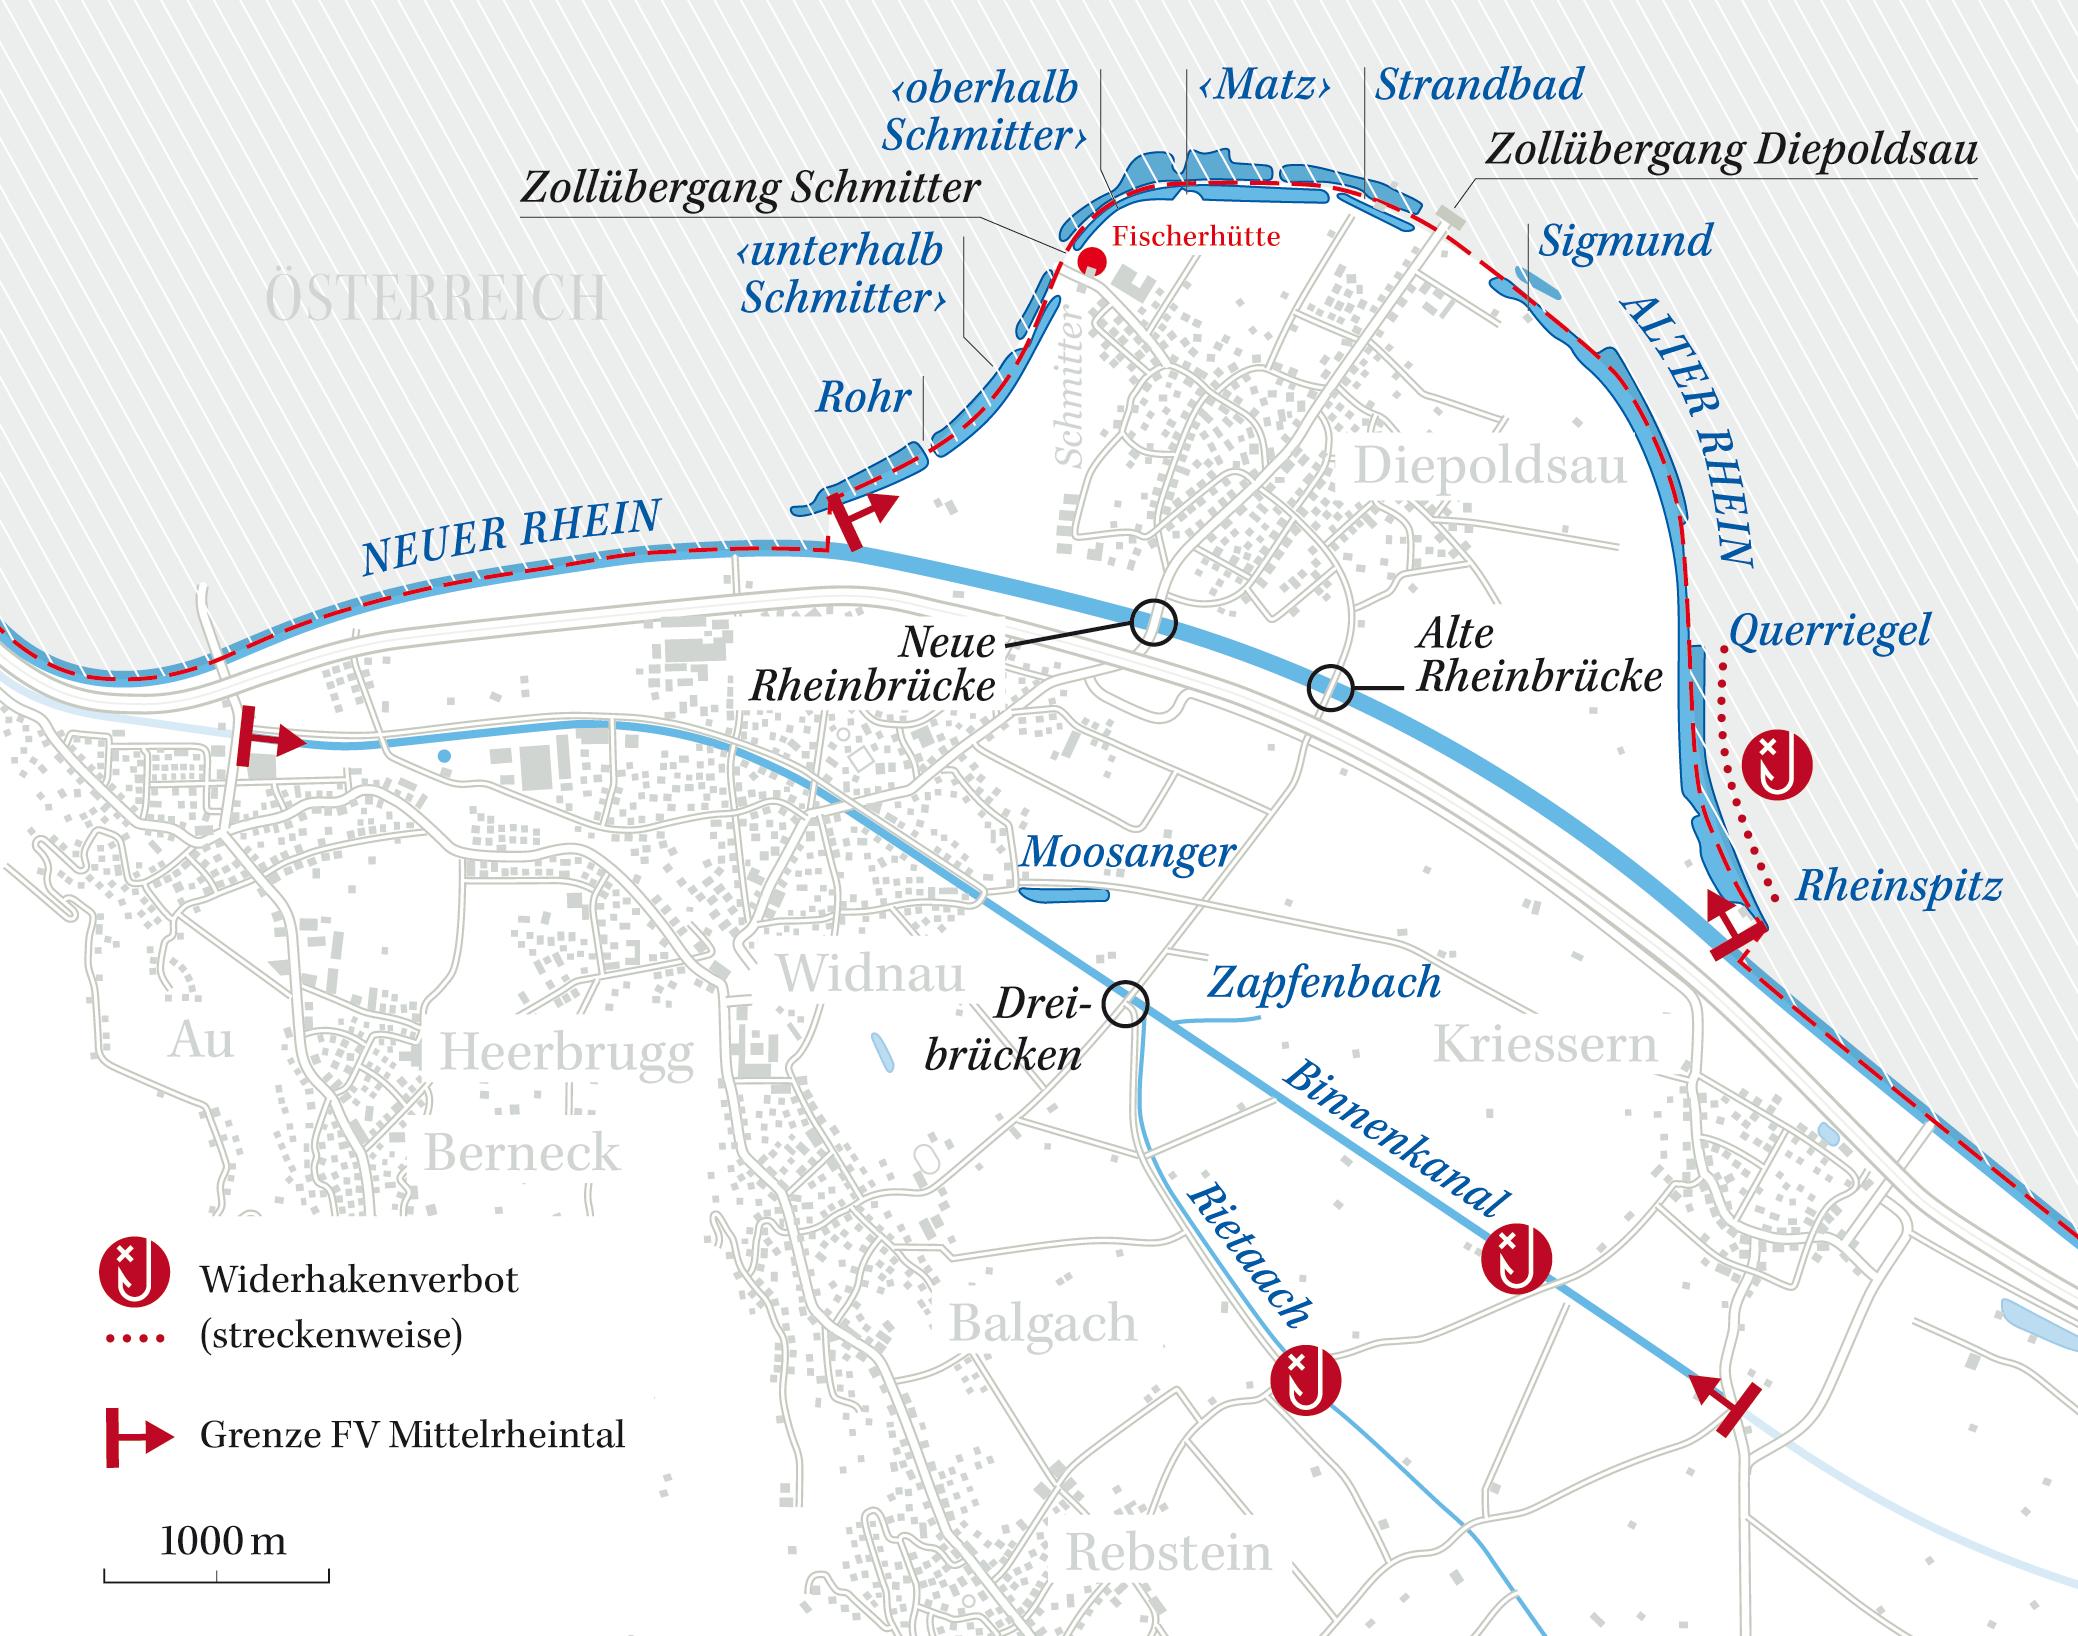 Mittelrheintal Karte.Fischereiverein Mittelrheintal